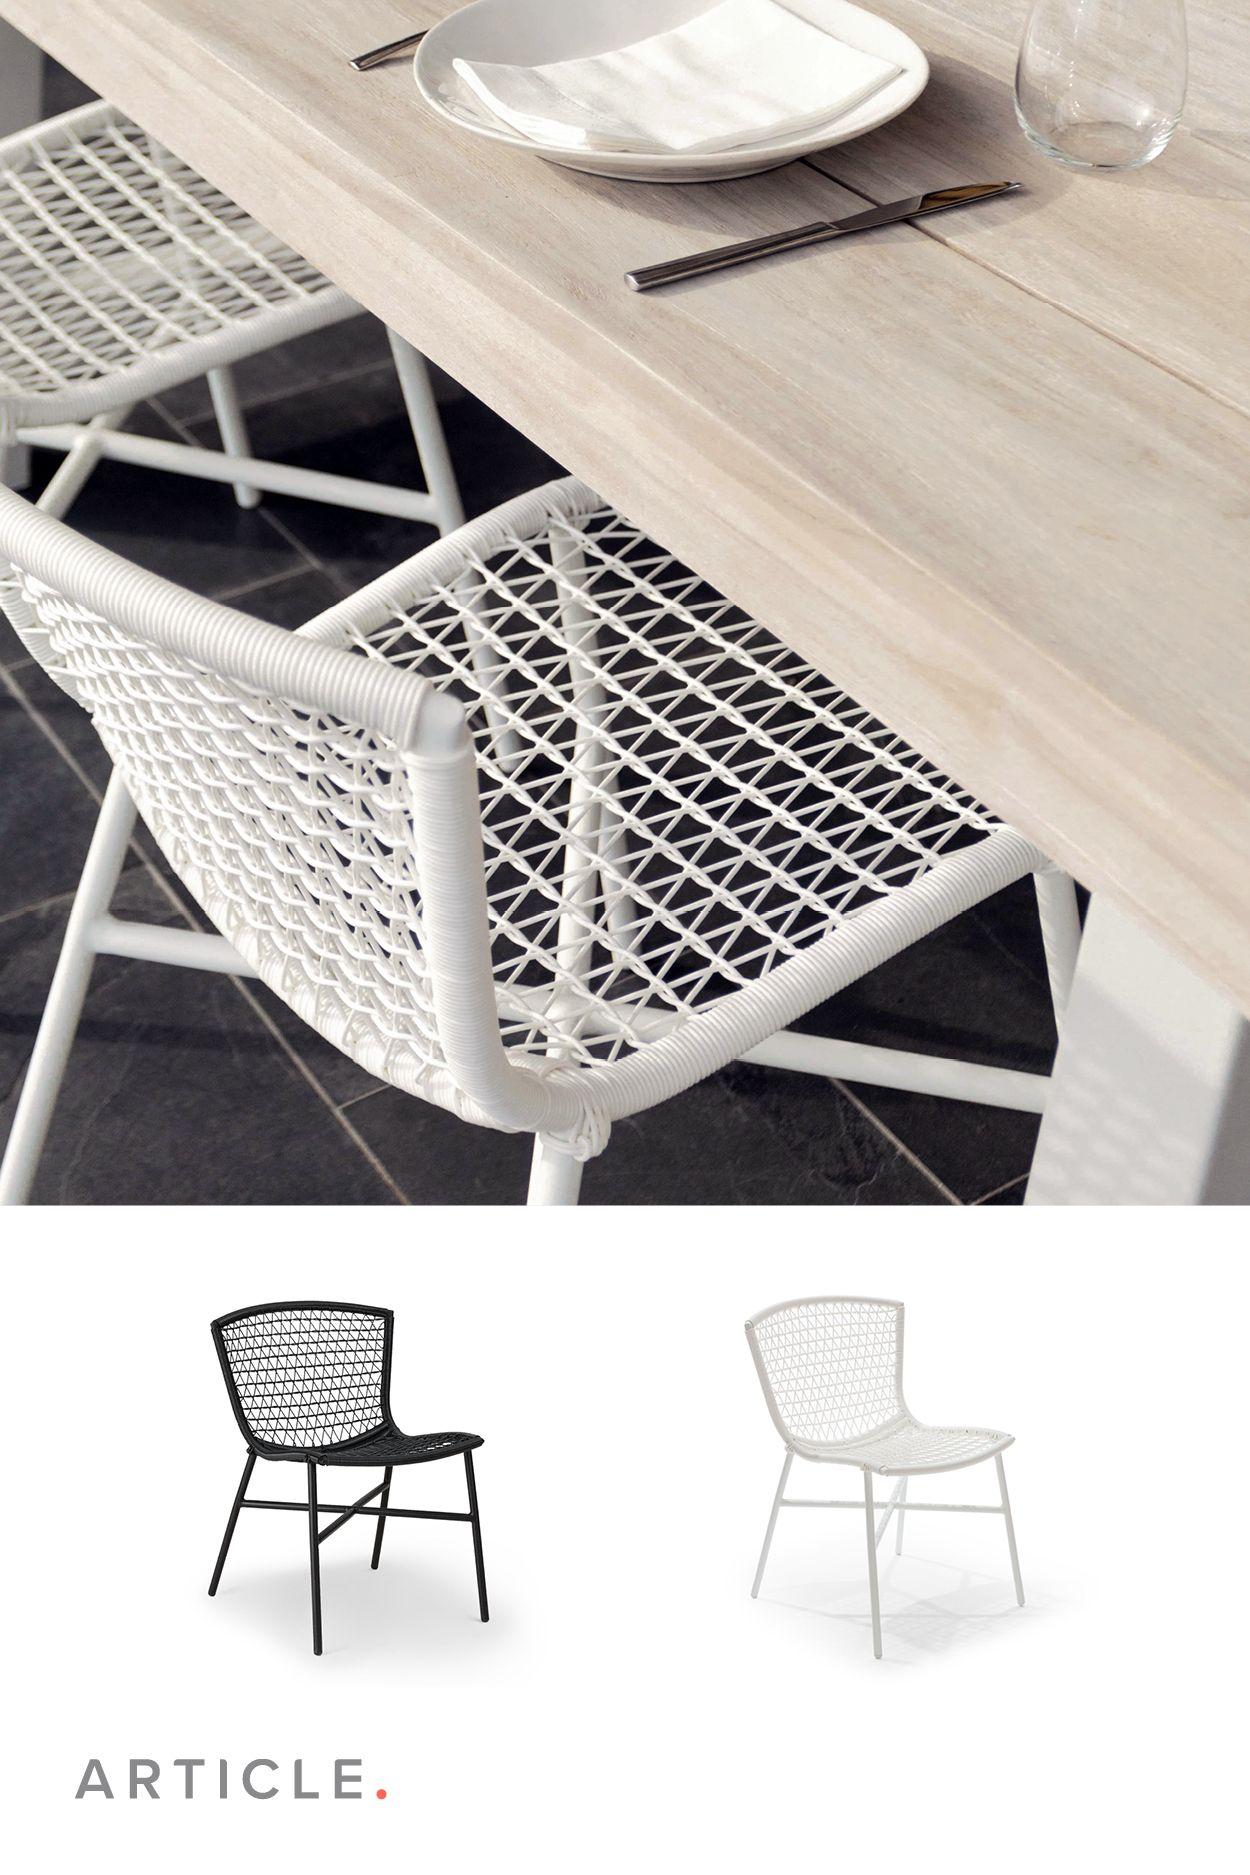 sala white dining chair in 2018 za medb pinterest indoor rh pinterest com